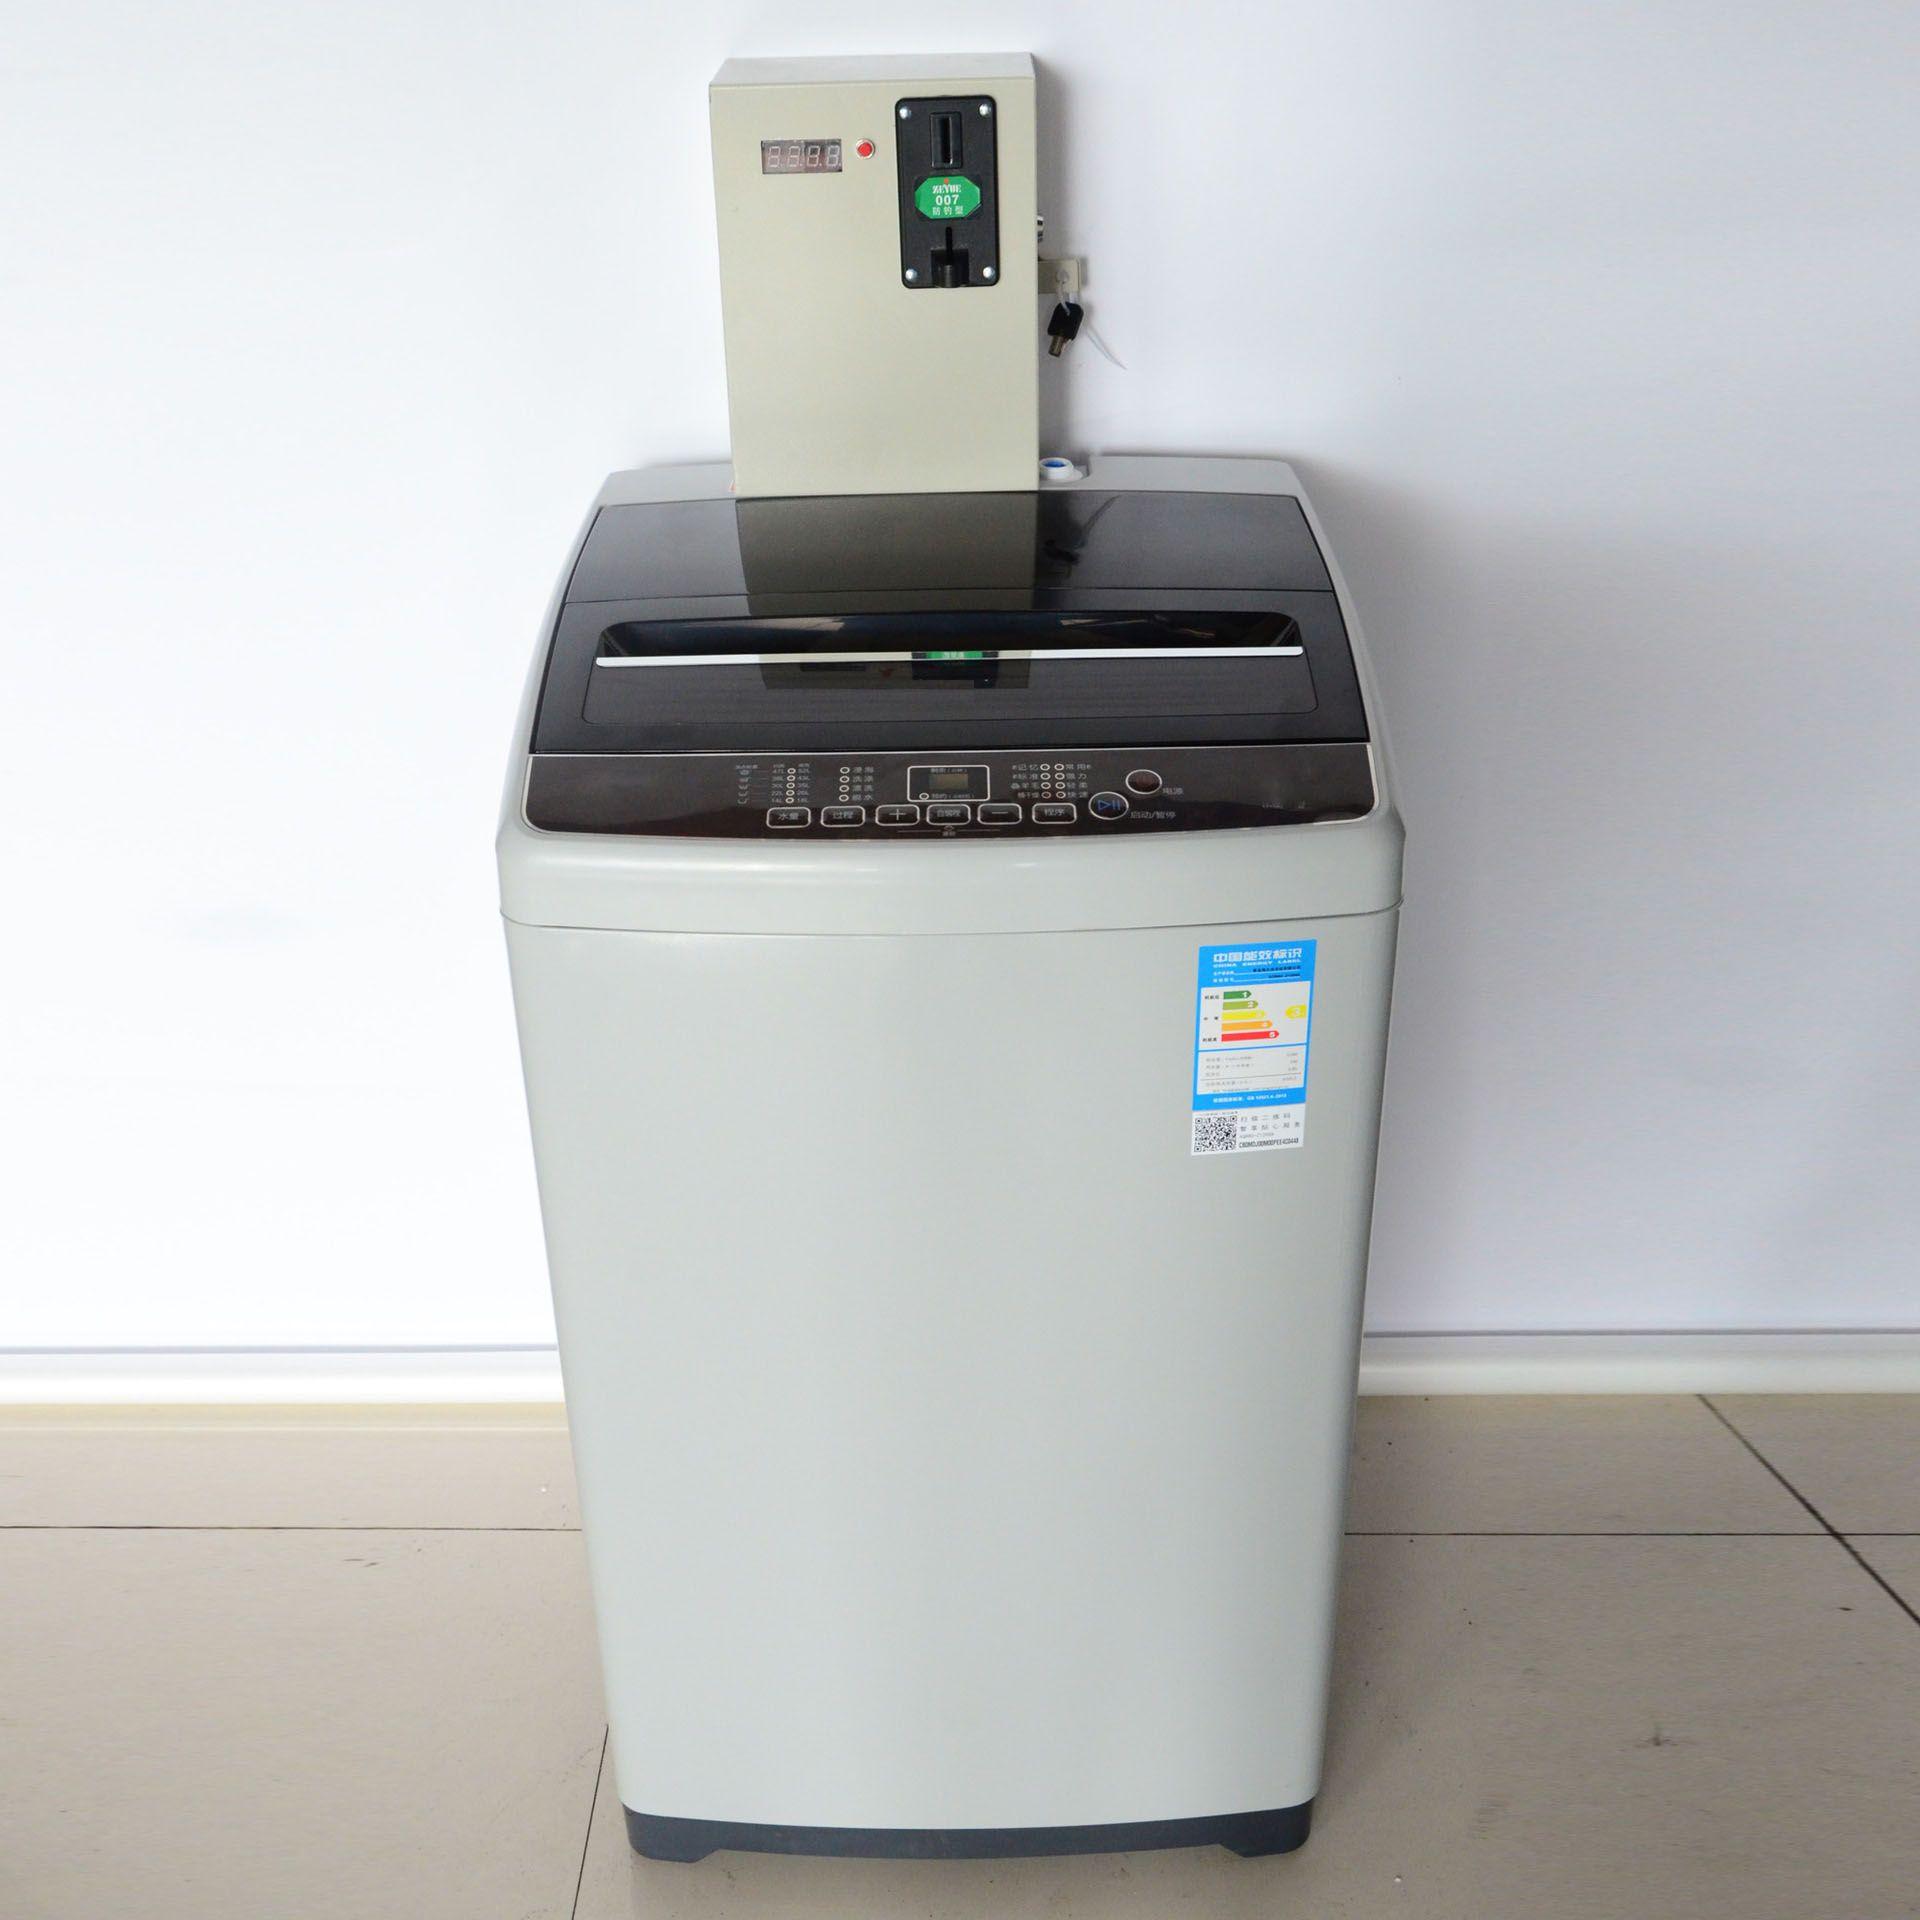 new washing machine 2015